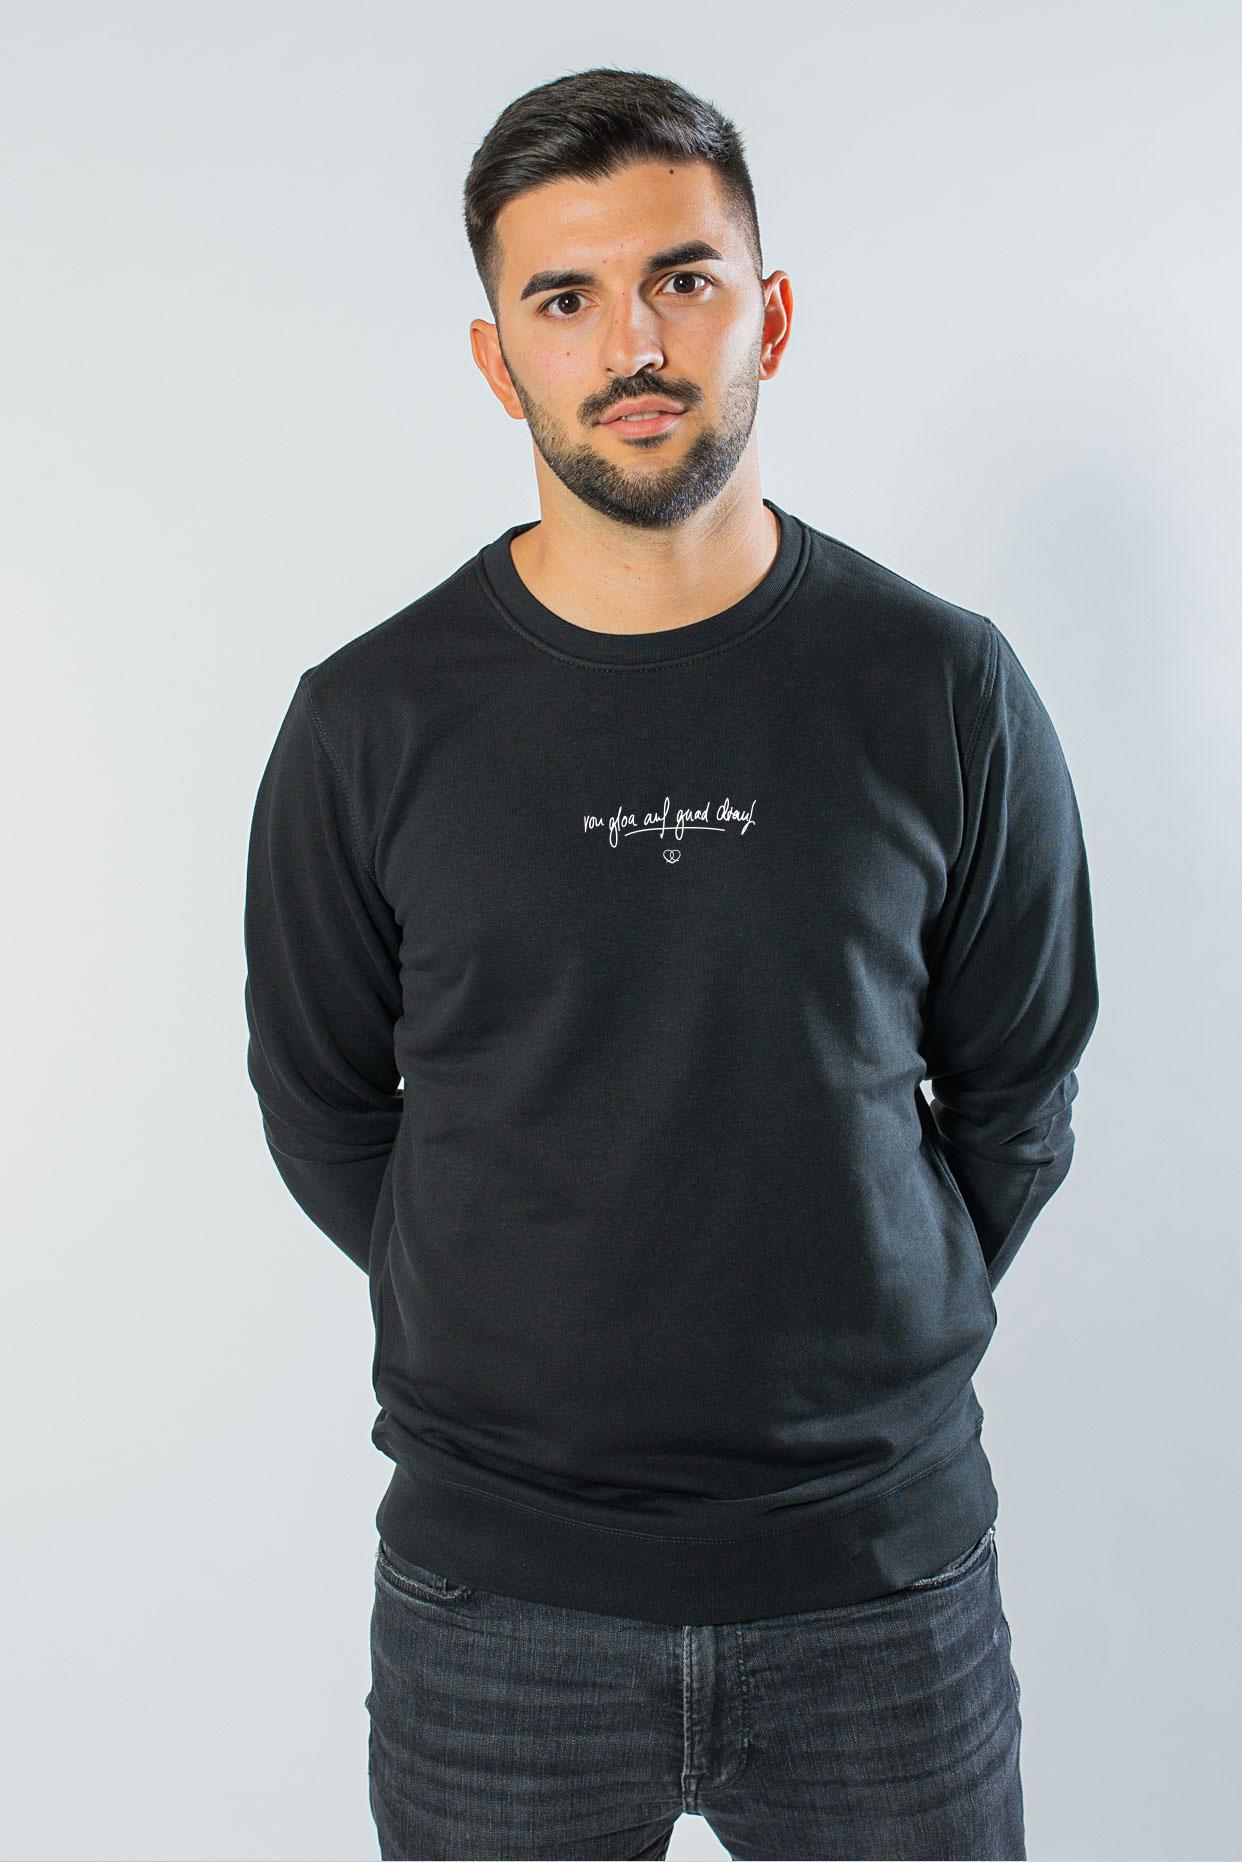 Guad drauf Unisex Sweater